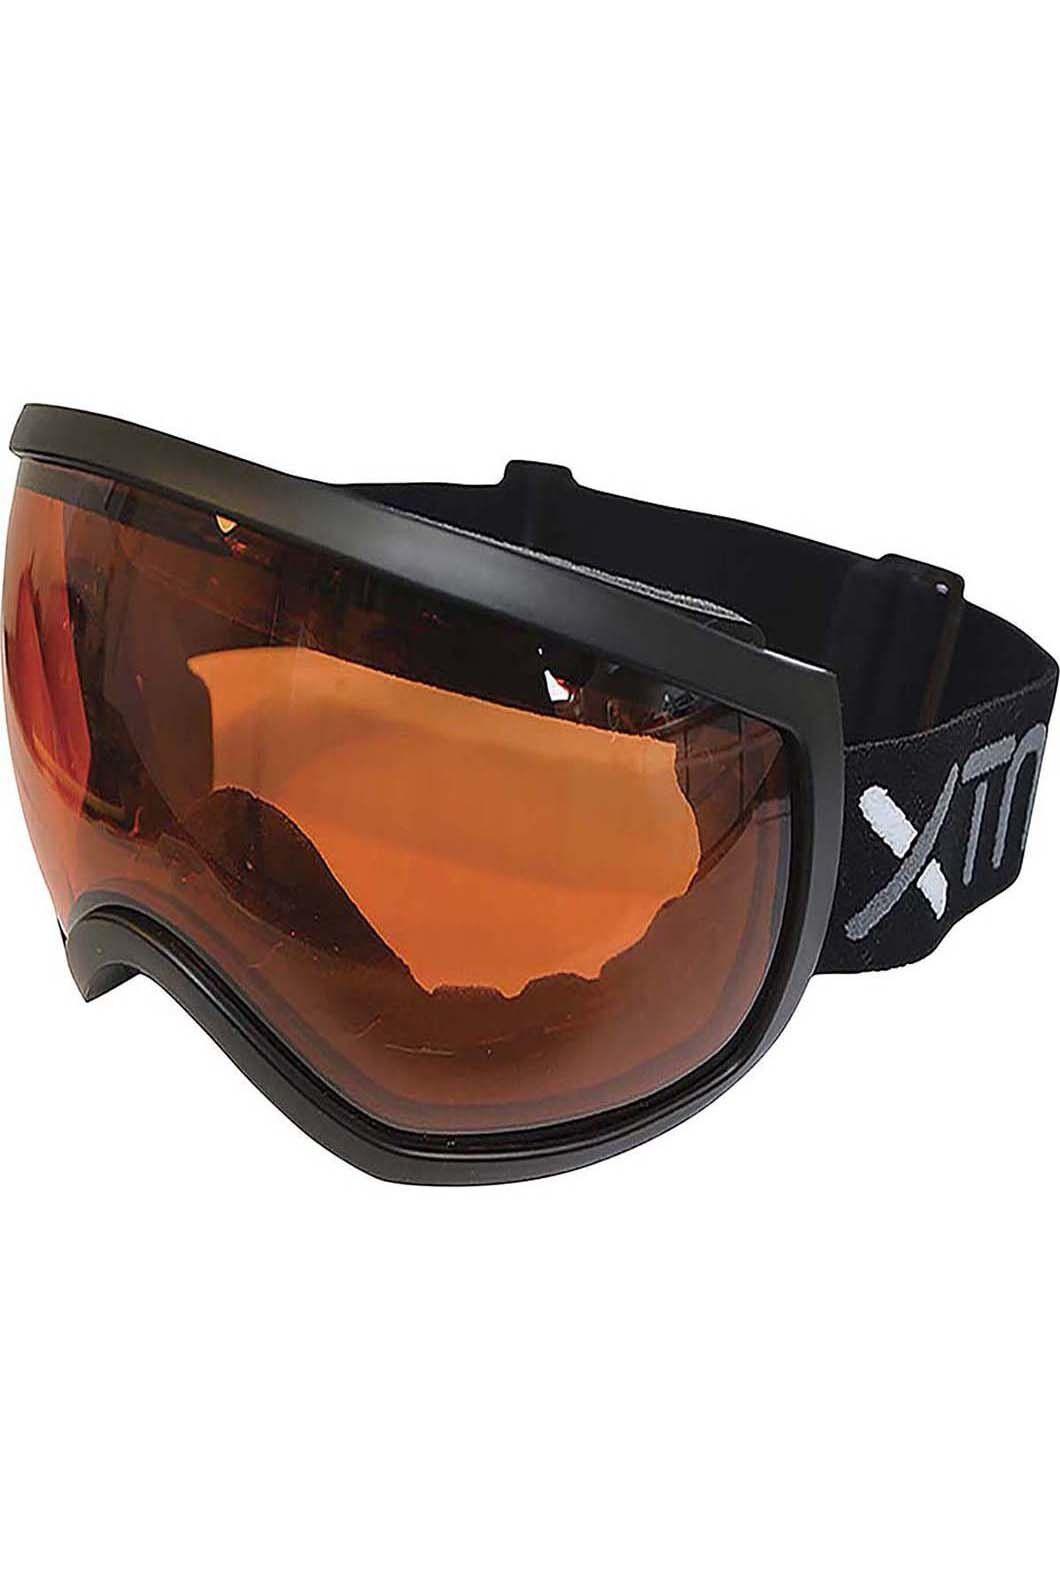 XTM Force Double Lens Goggles - Kids', Black, hi-res